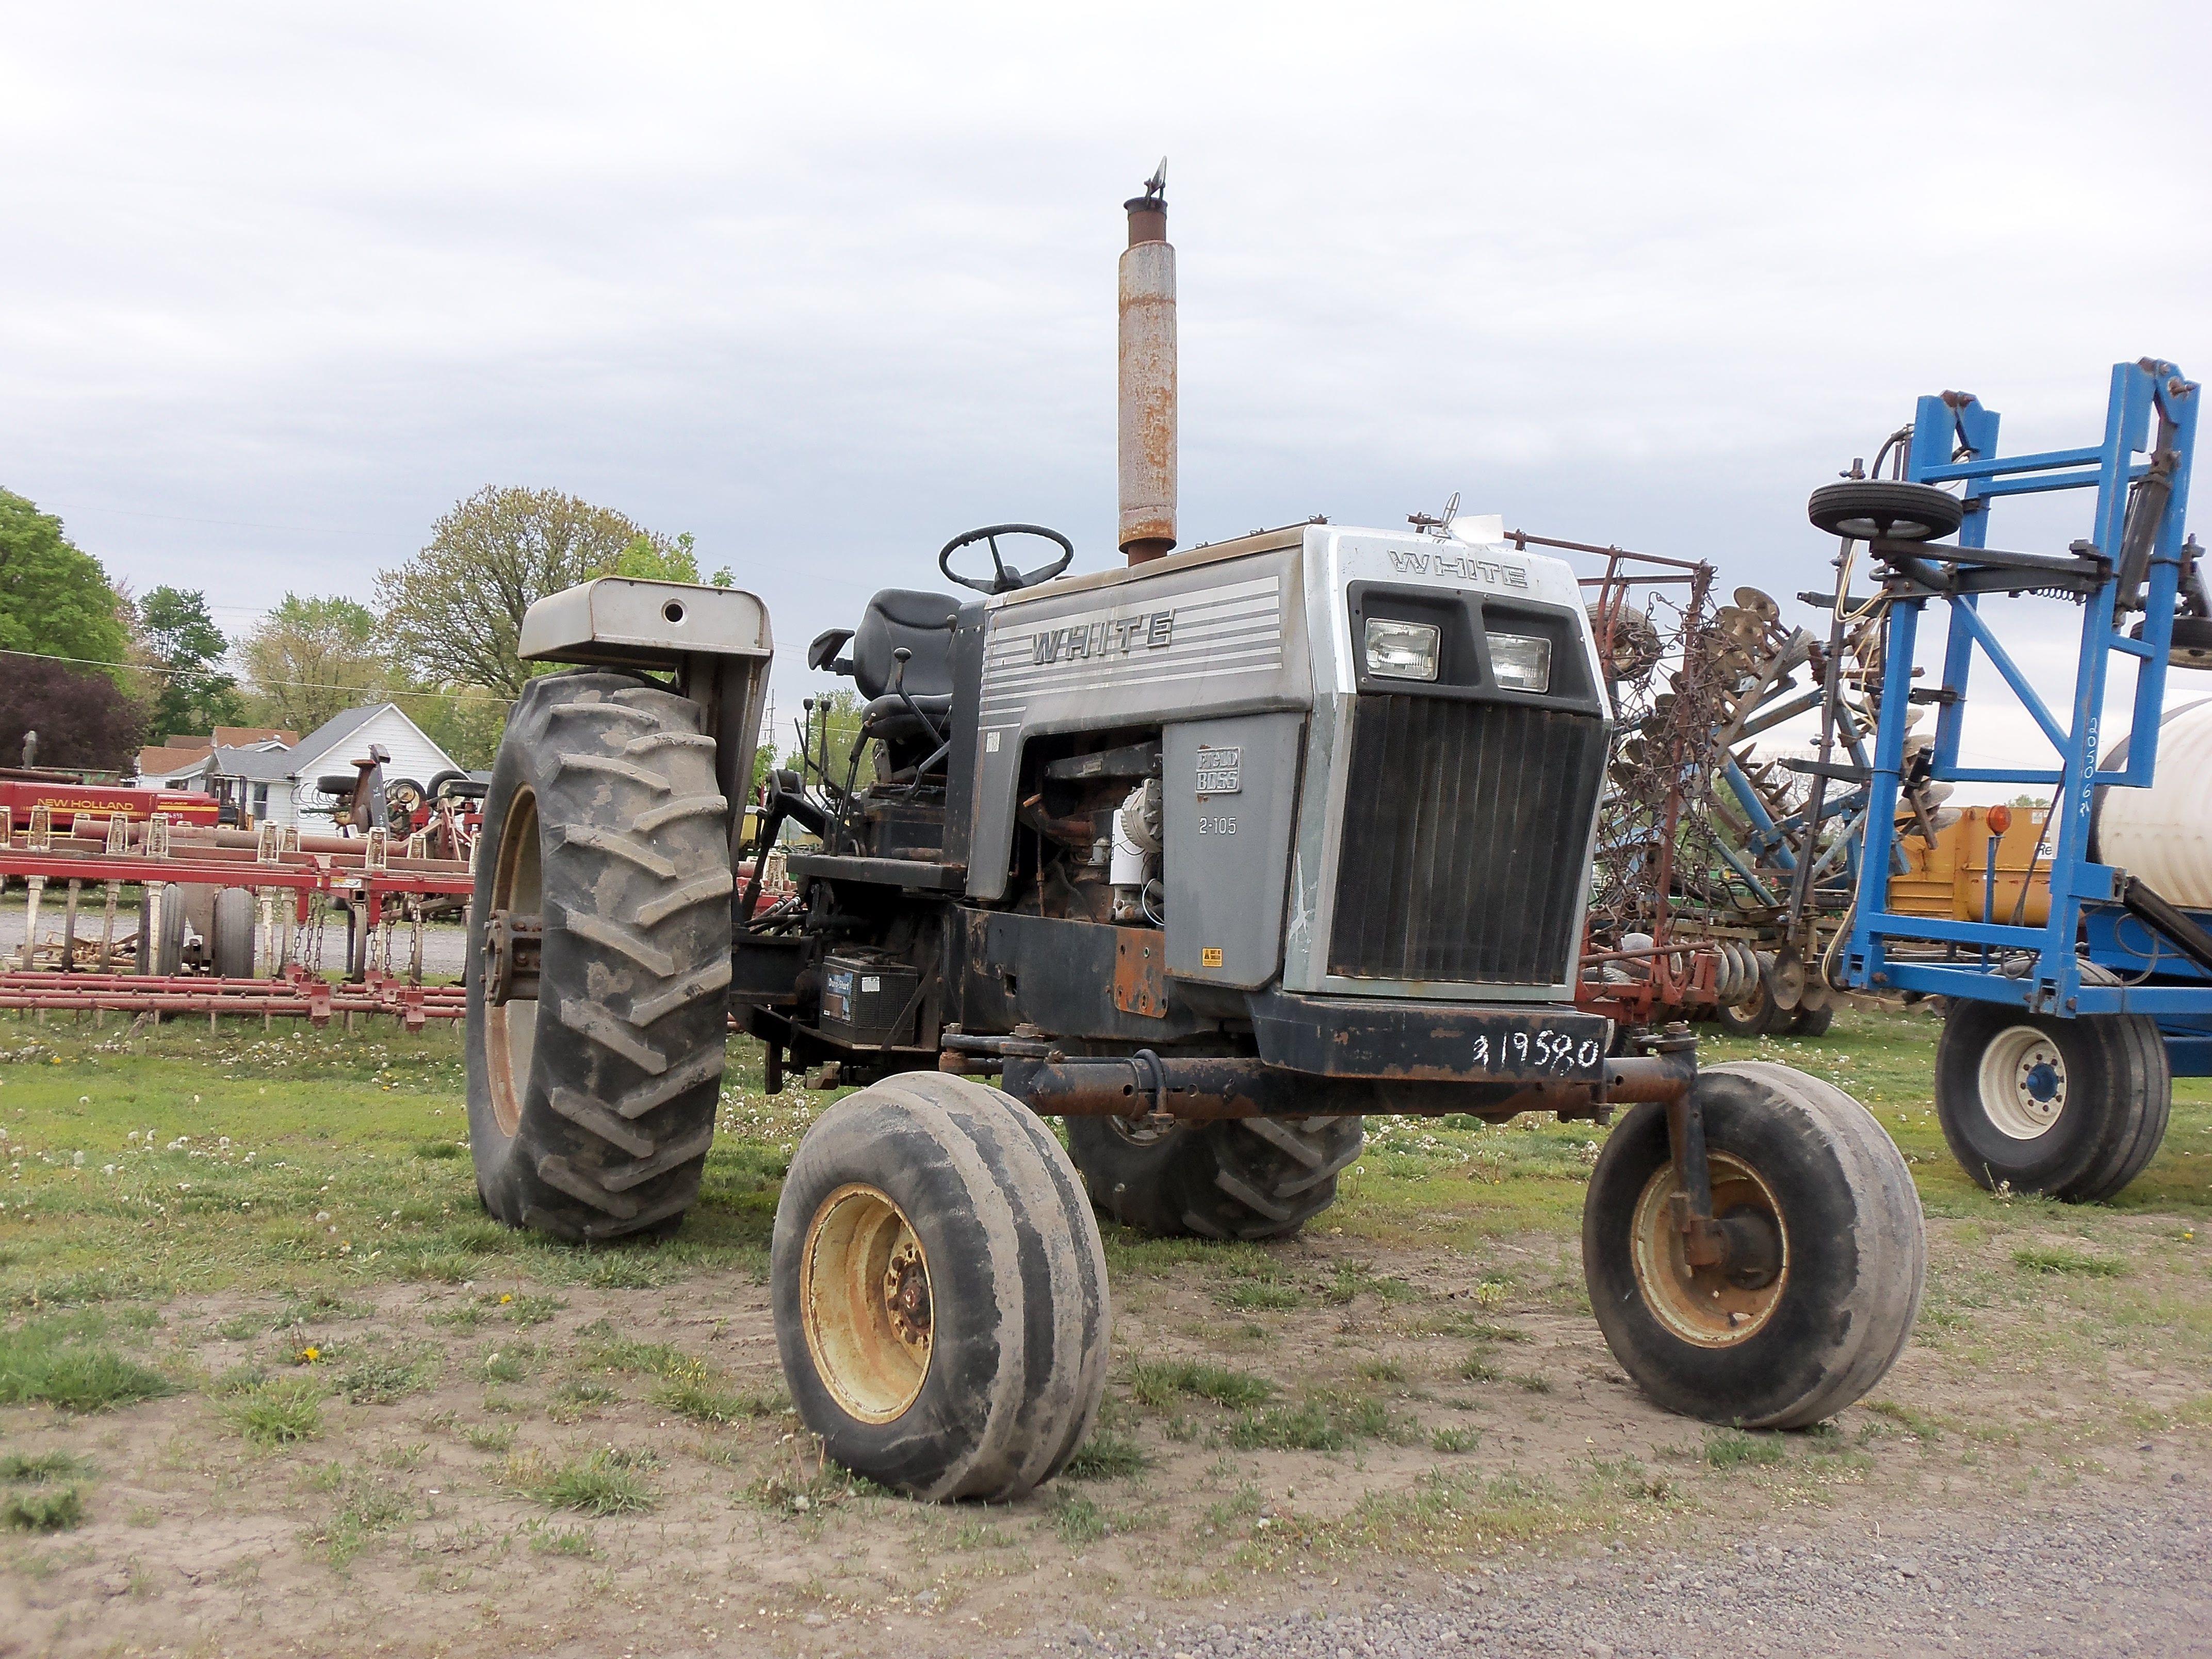 White 4 270 Tractor : White field boss farm equipment pinterest